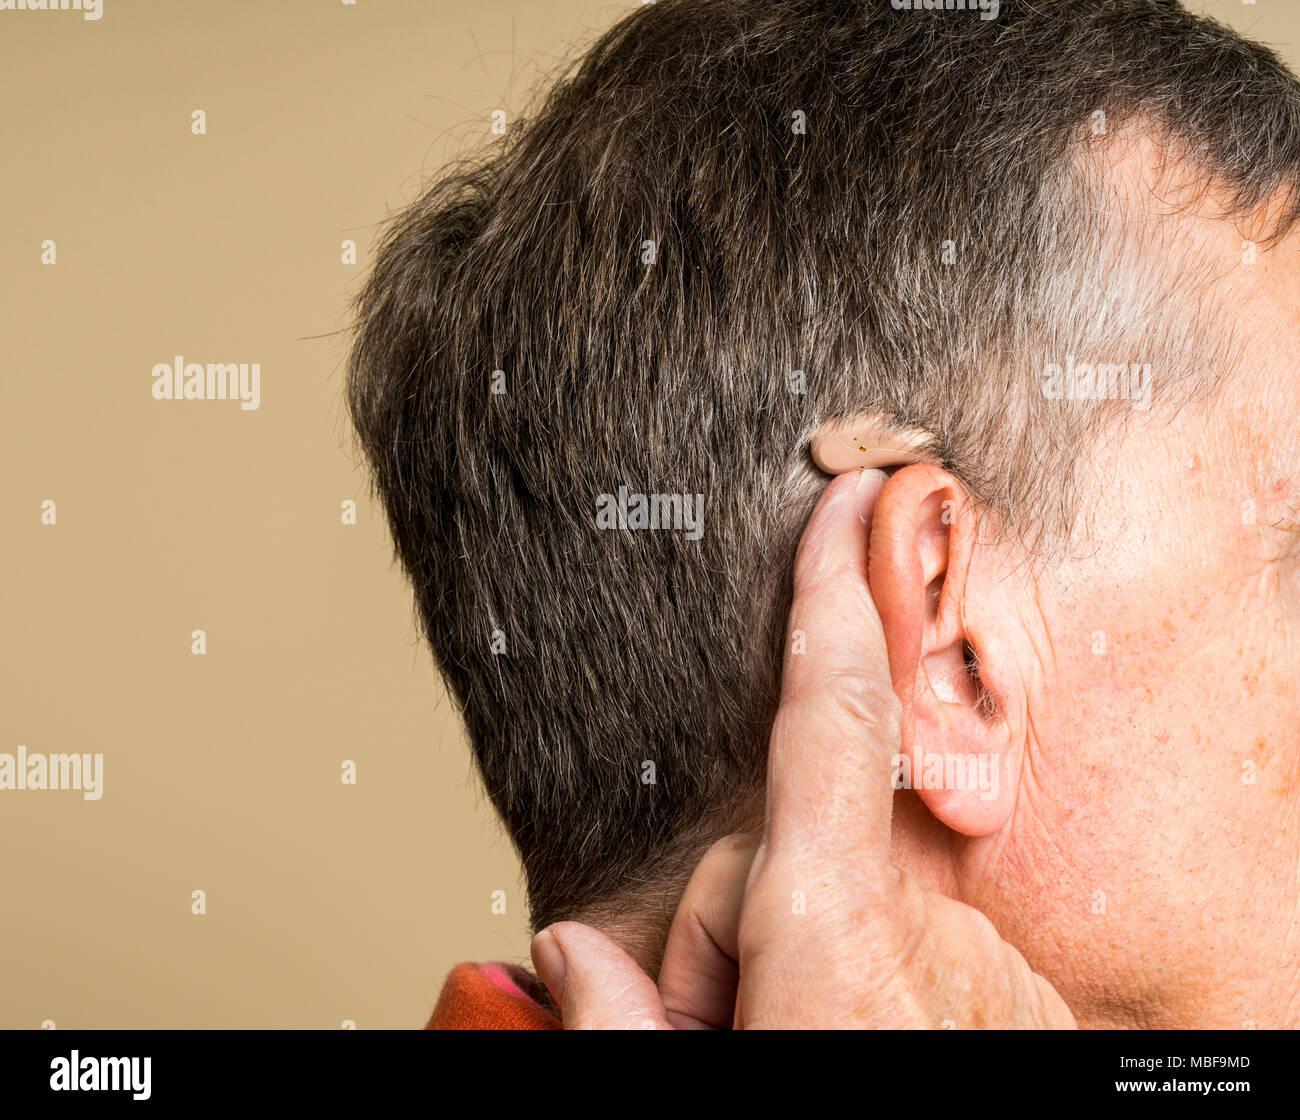 Senior uomo che indossa un piccolo e moderno hearing aid nascosto dietro l'orecchio Immagini Stock